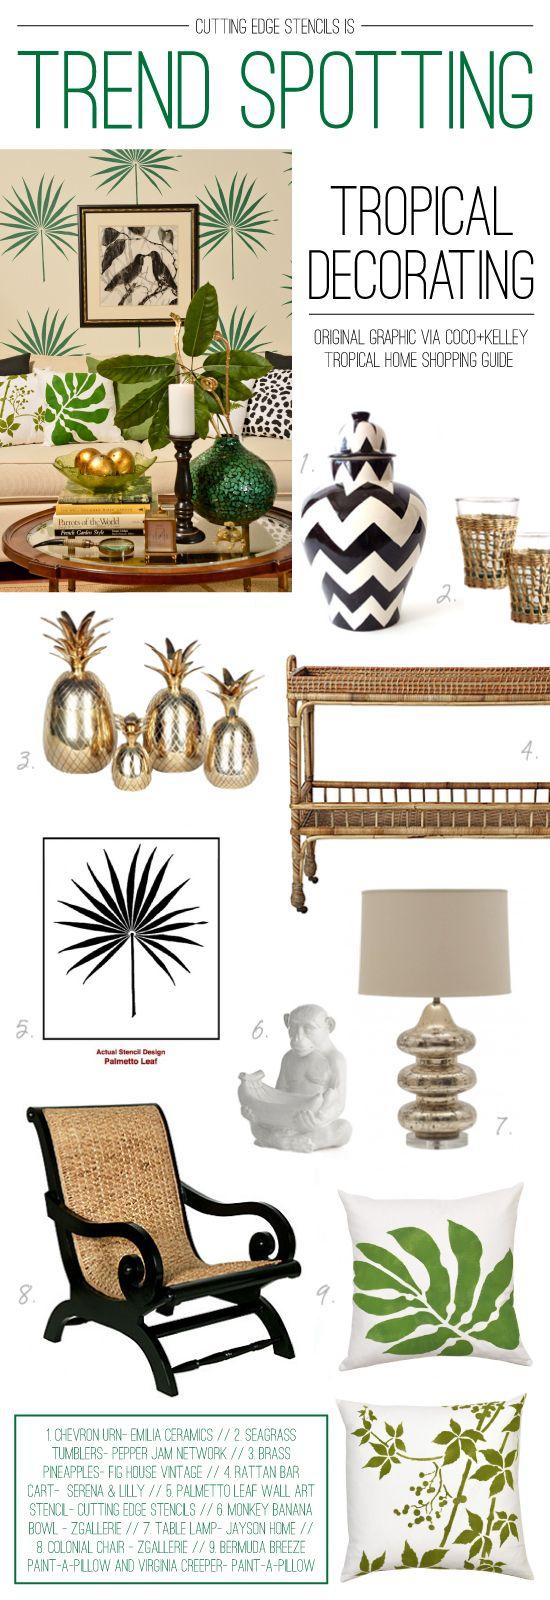 best interior design elements images on pinterest color